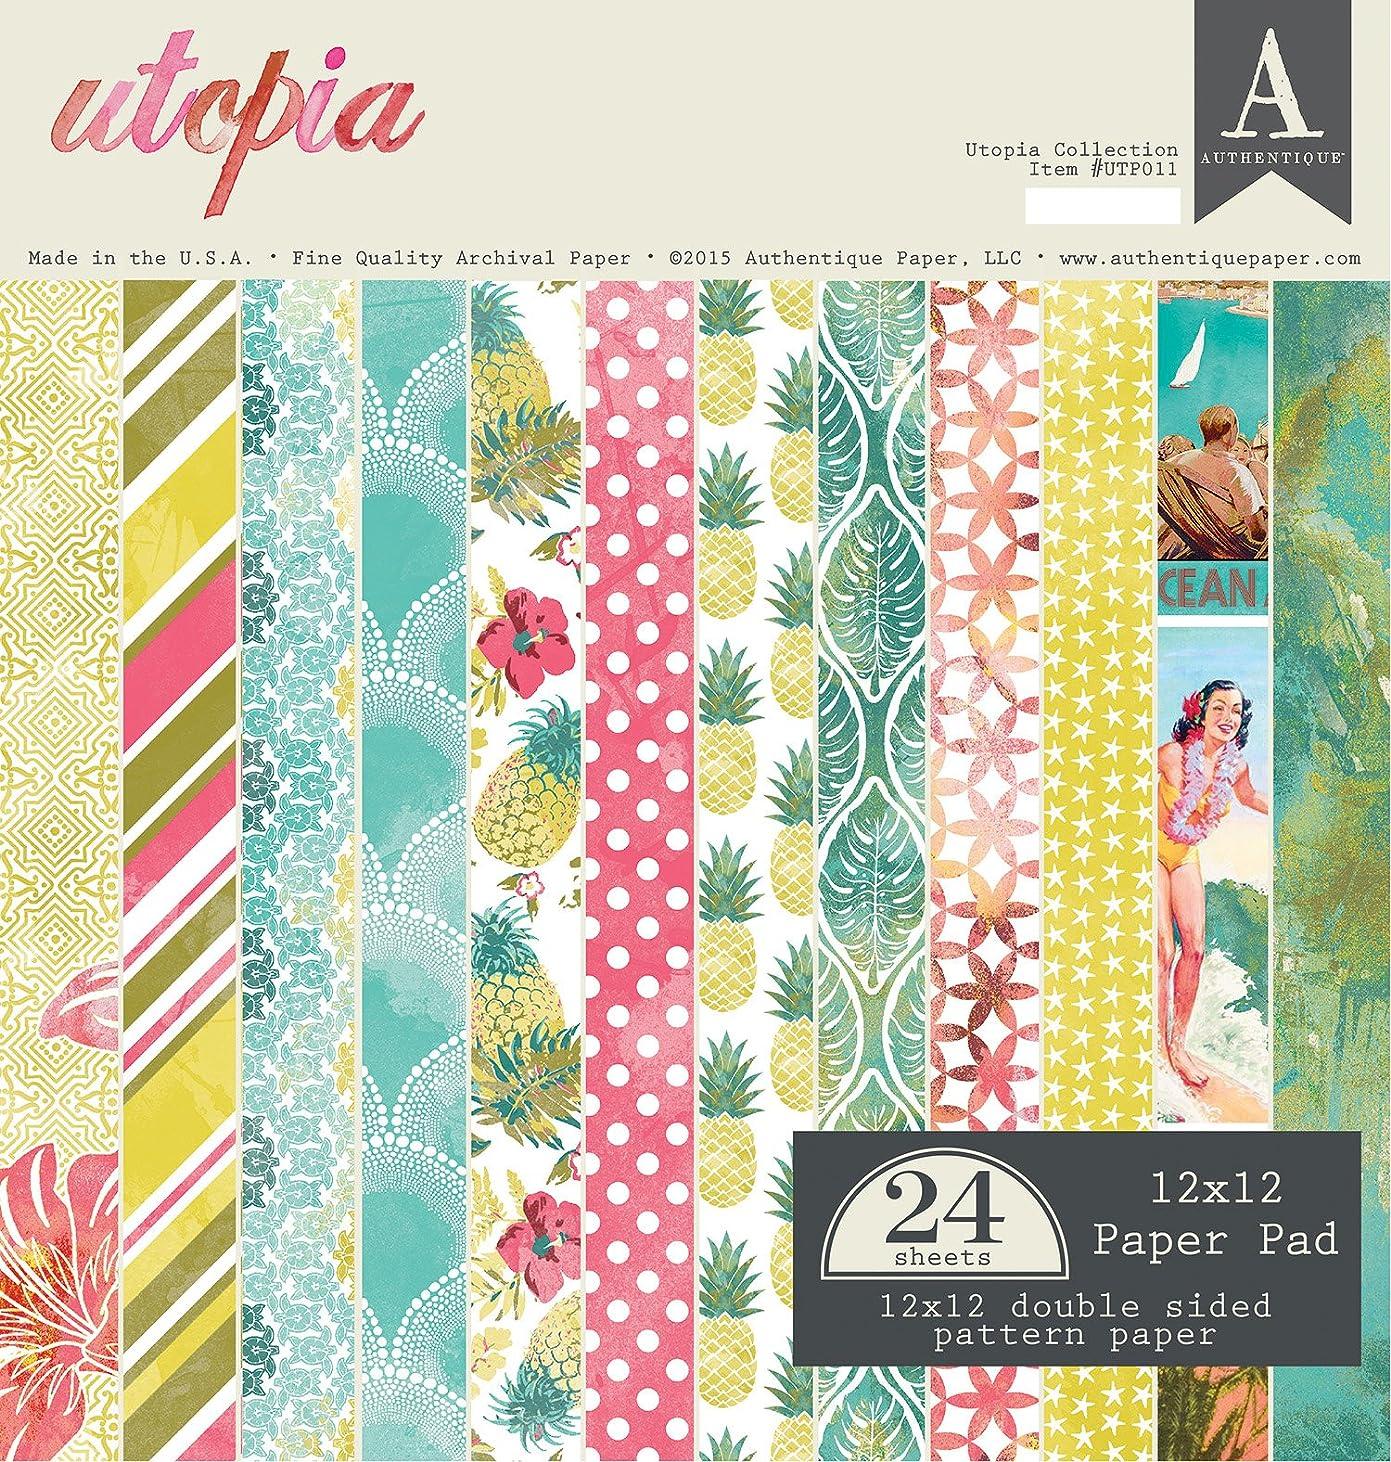 Authentique Paper Utopia 12x12 Paper Pad spvwf708181